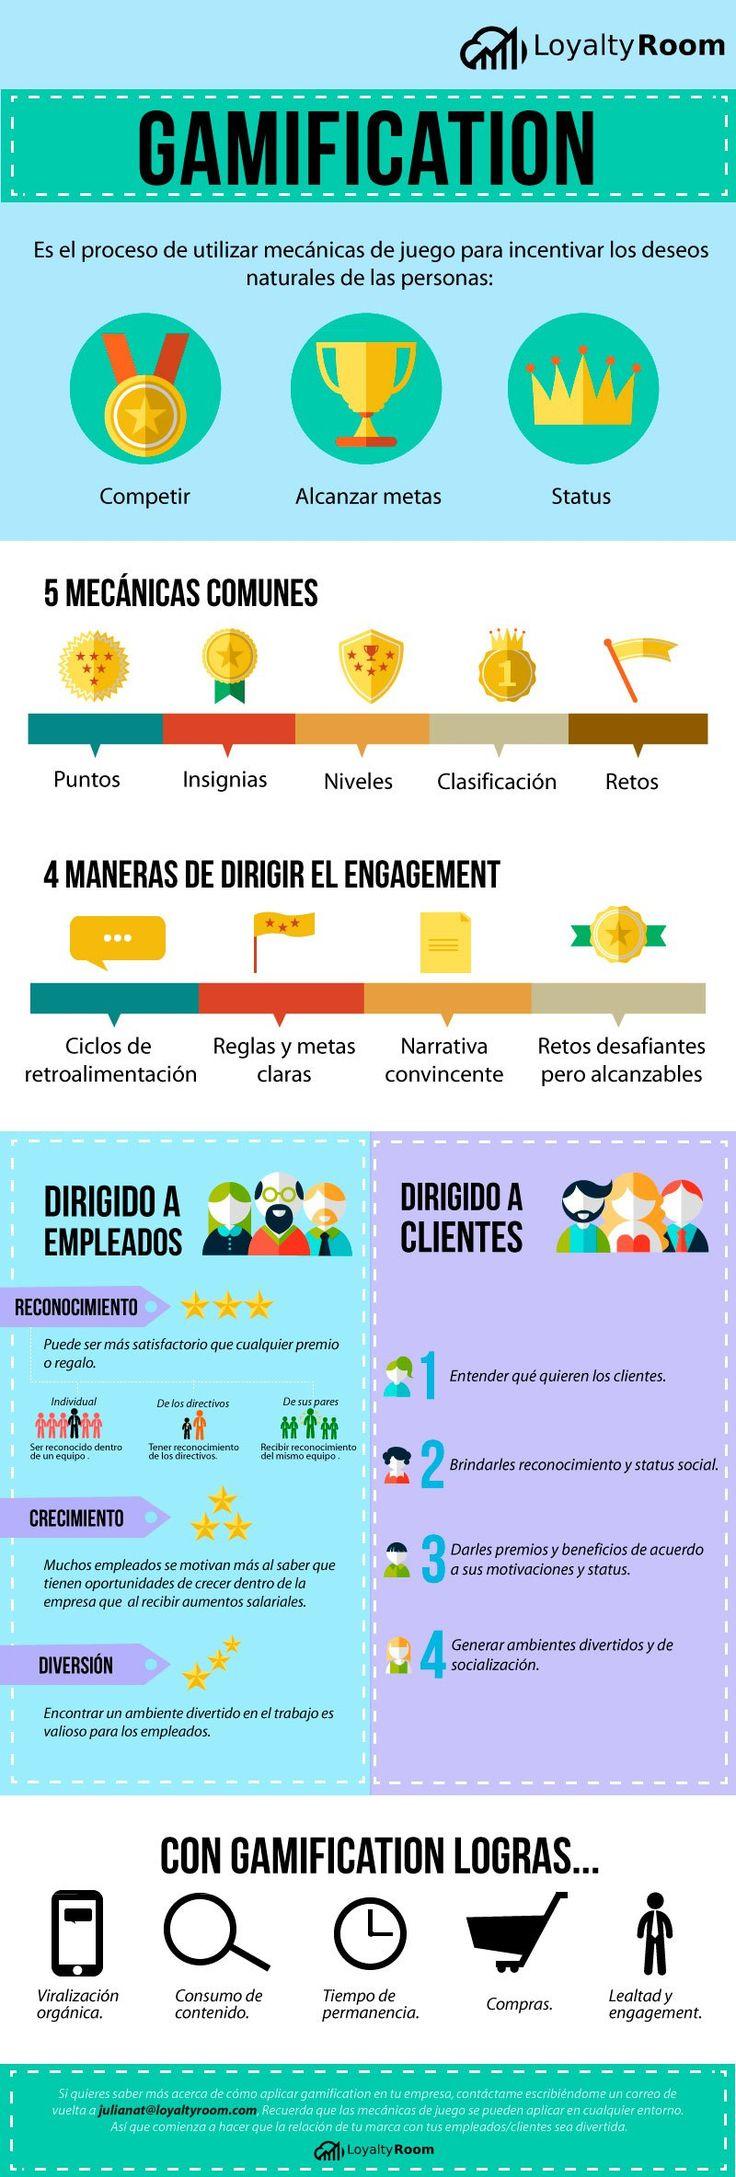 Qué puedes conseguir con la Gamificación en tu empresa #infografia #infographic #marketing